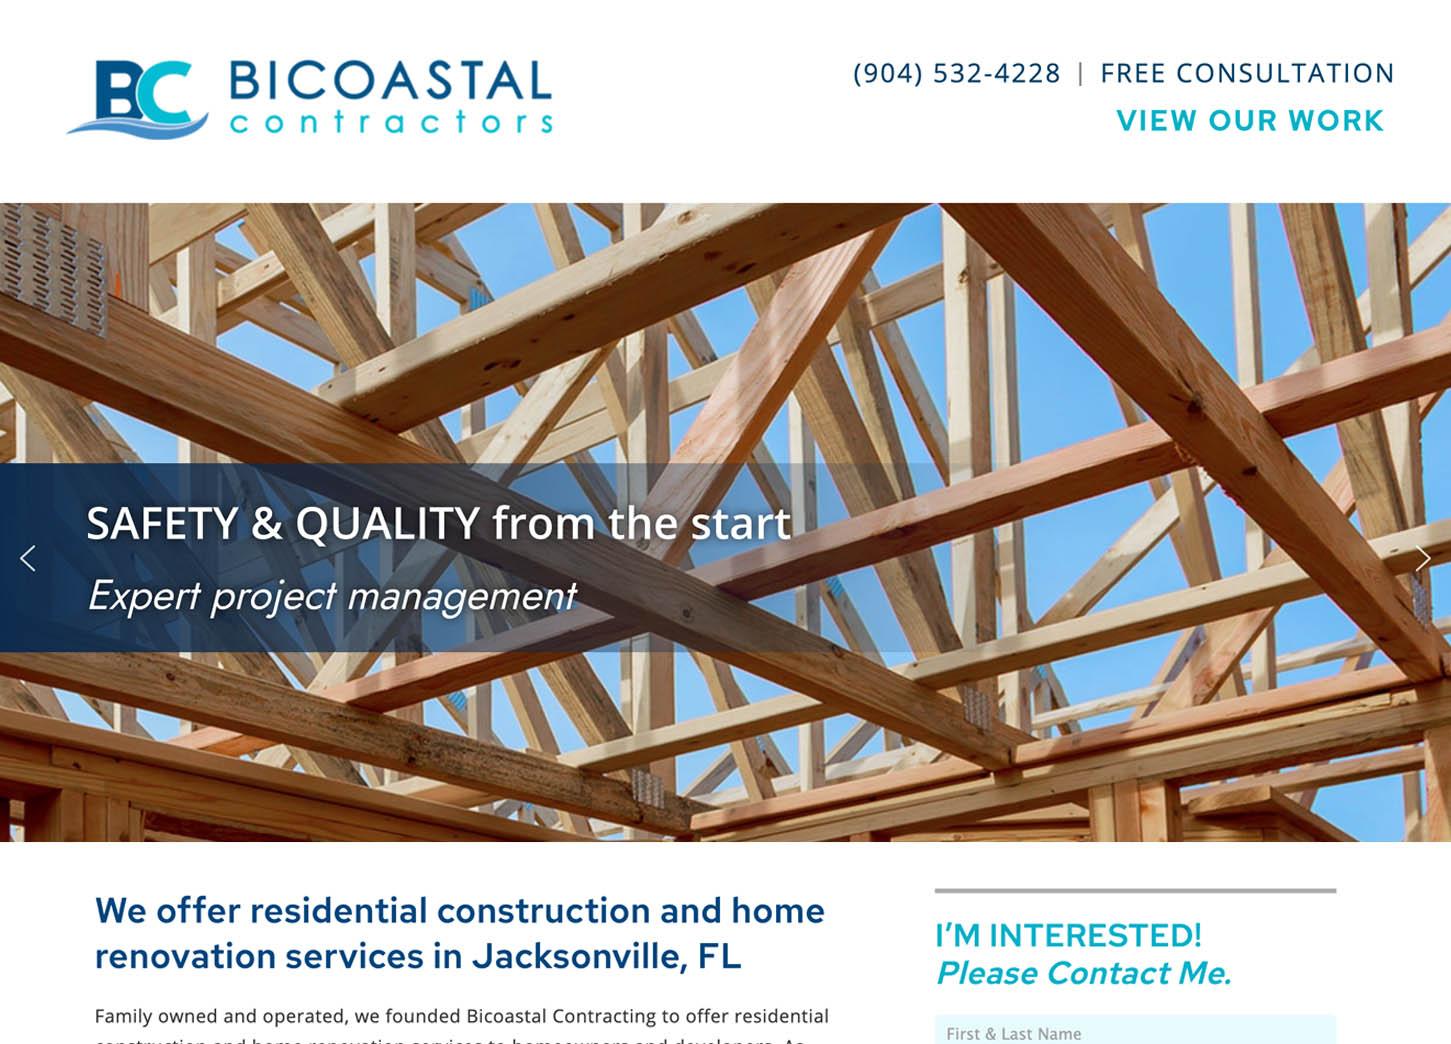 Bicoastal Contractors, Florida Construction, Jacksonville Residential Construction, Jacksonville Contractors, Carpentry Website, Builder, Construction website, Contractor Website, Contractors, Residential Construction, Commercial Construction